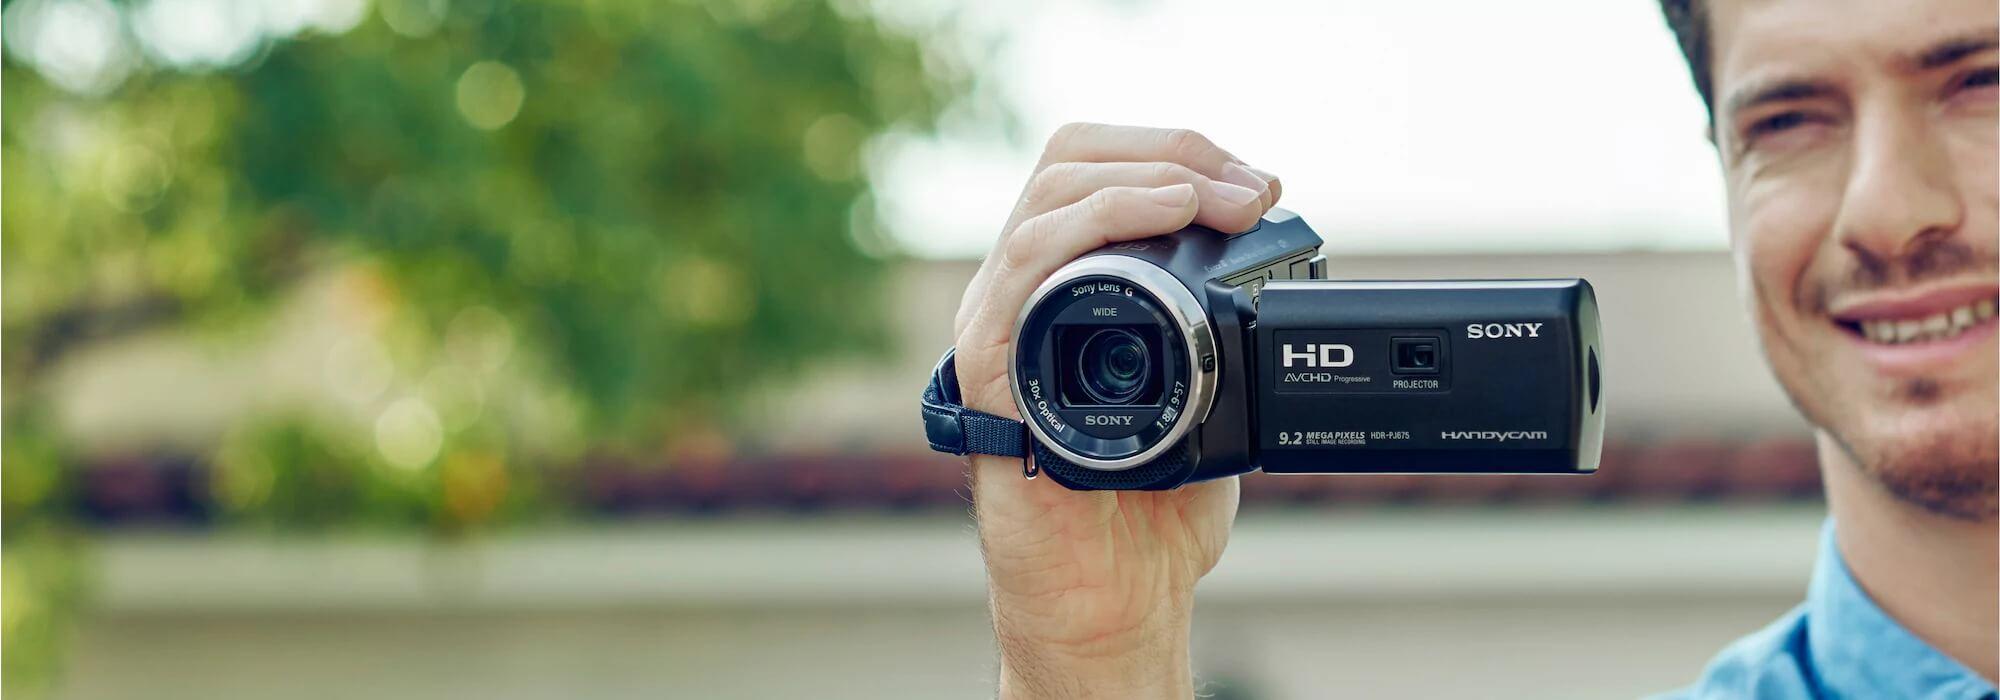 Máy quay phim Handycam PJ675